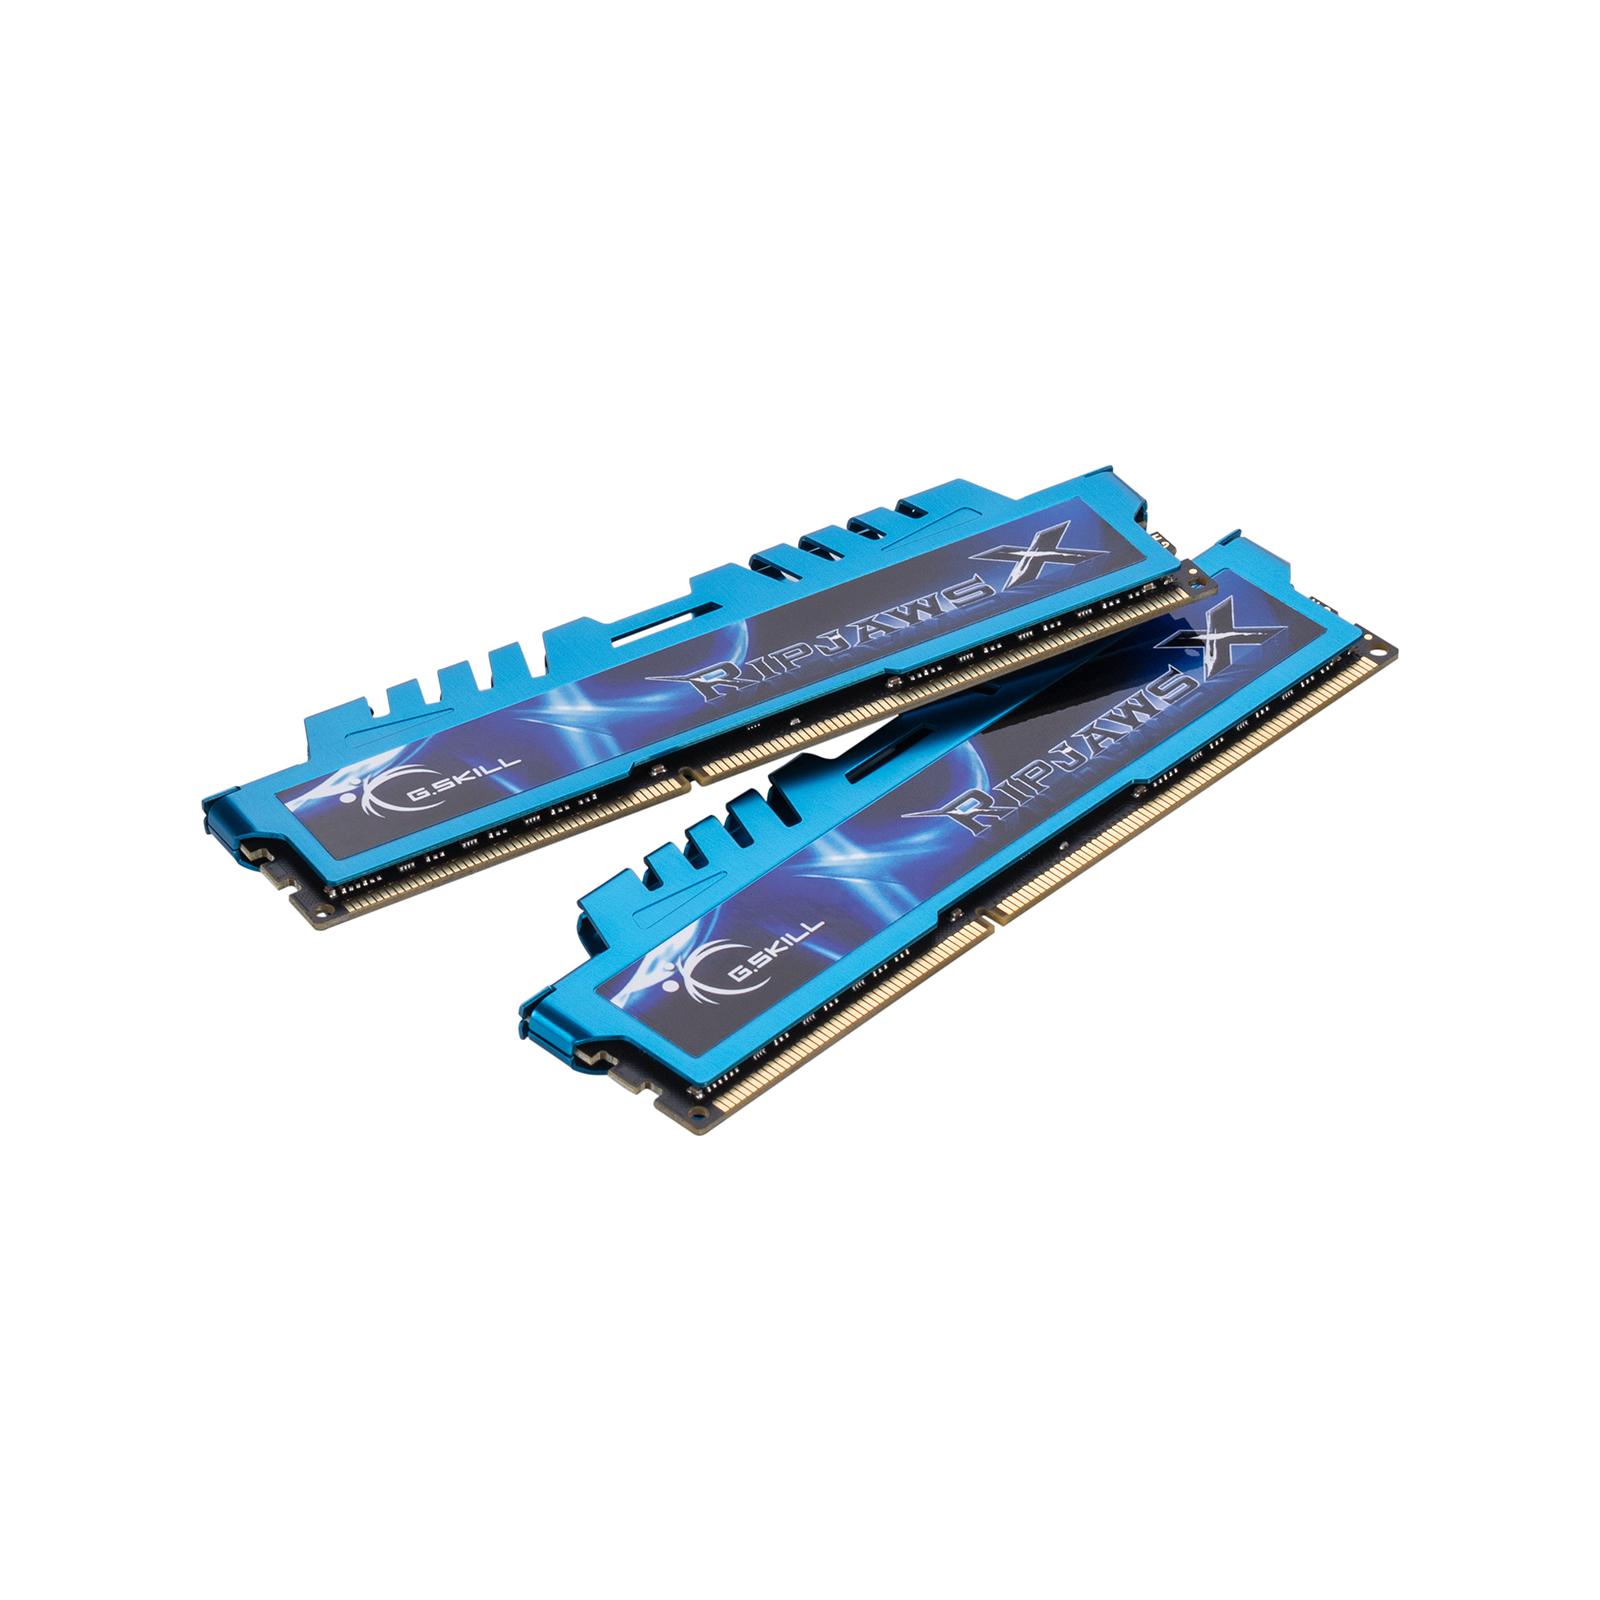 Модуль памяти для компьютера DDR3 16GB (2x8GB) 1600 MHz G.Skill (F3-1600C9D-16GXM)